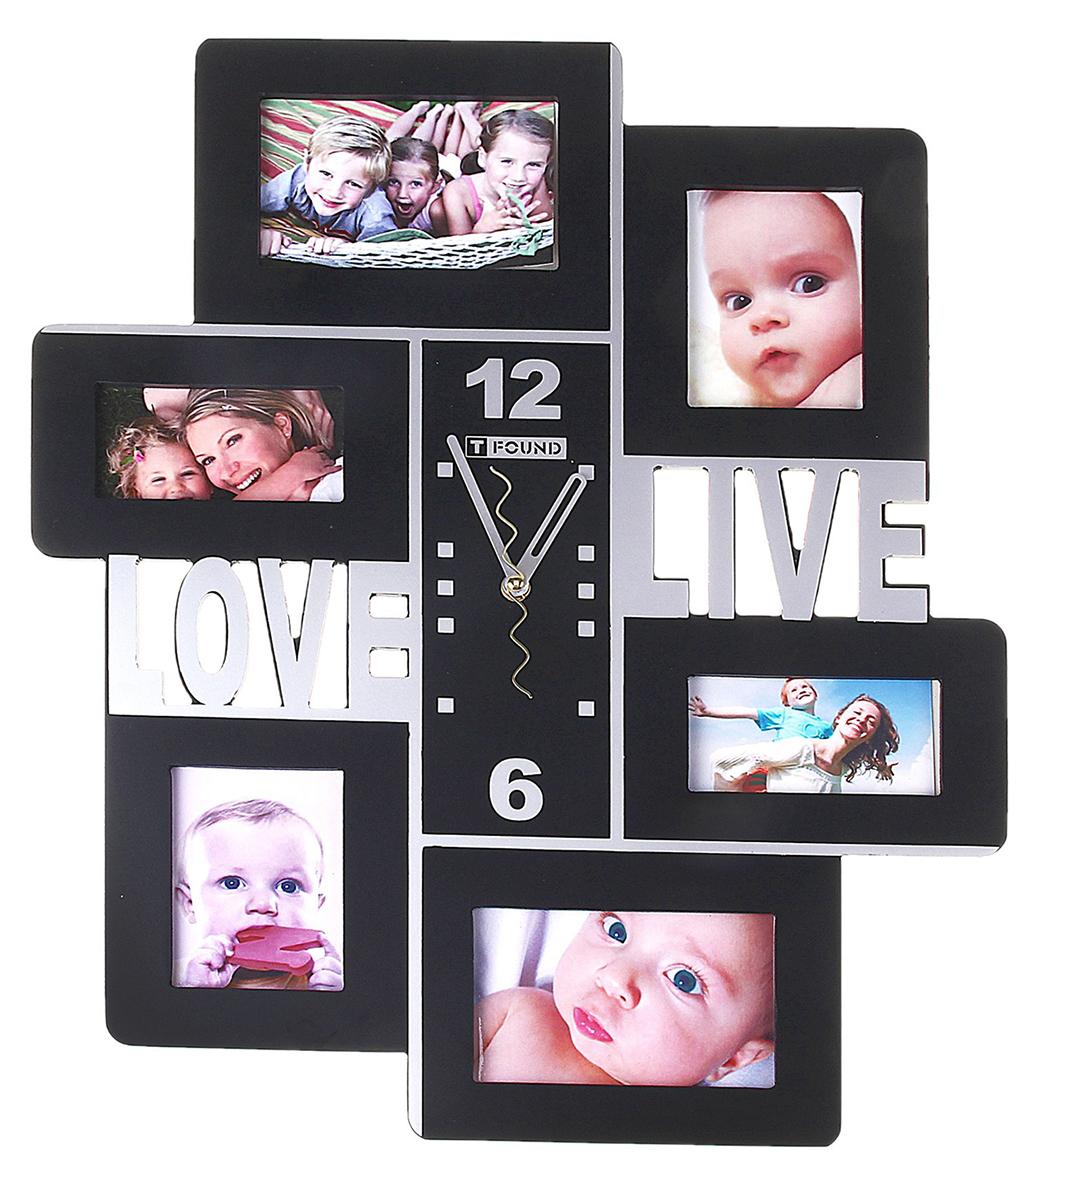 Часы настенные Love. Live, черные + 6 фоторамок от 10 ? 10 см – пикантная деталь, которая придаст интерьеру яркий акцент, законченный вид и позволит всегда планировать свое время с наибольшей эффективностью. Любовная тематика, выраженная в часах, непременно понравится вашему избраннику, возможно, такой комплимент станет началом чего-то нового и романтического.Часы настенные хайтек+6 фоторамок Love/Live черные (фото от10х10) 39*47см 127135